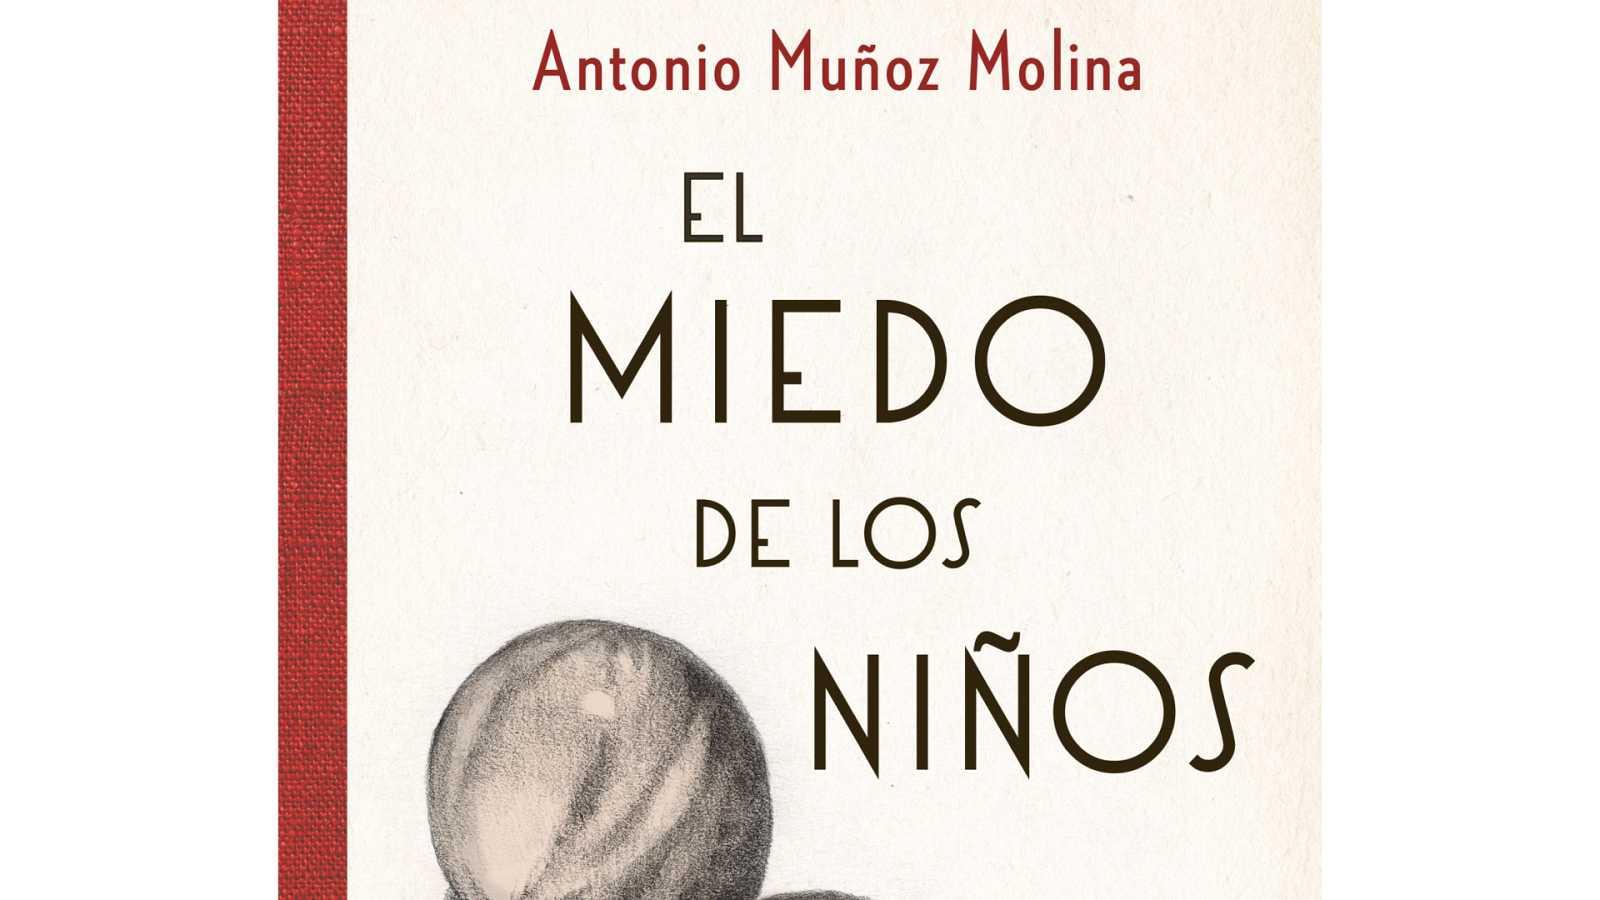 Hoy empieza todo con Marta Echeverría - El miedo del niño Muñoz Molina y los universos de Ana Llurba - 24/11/20 - escuchar ahora